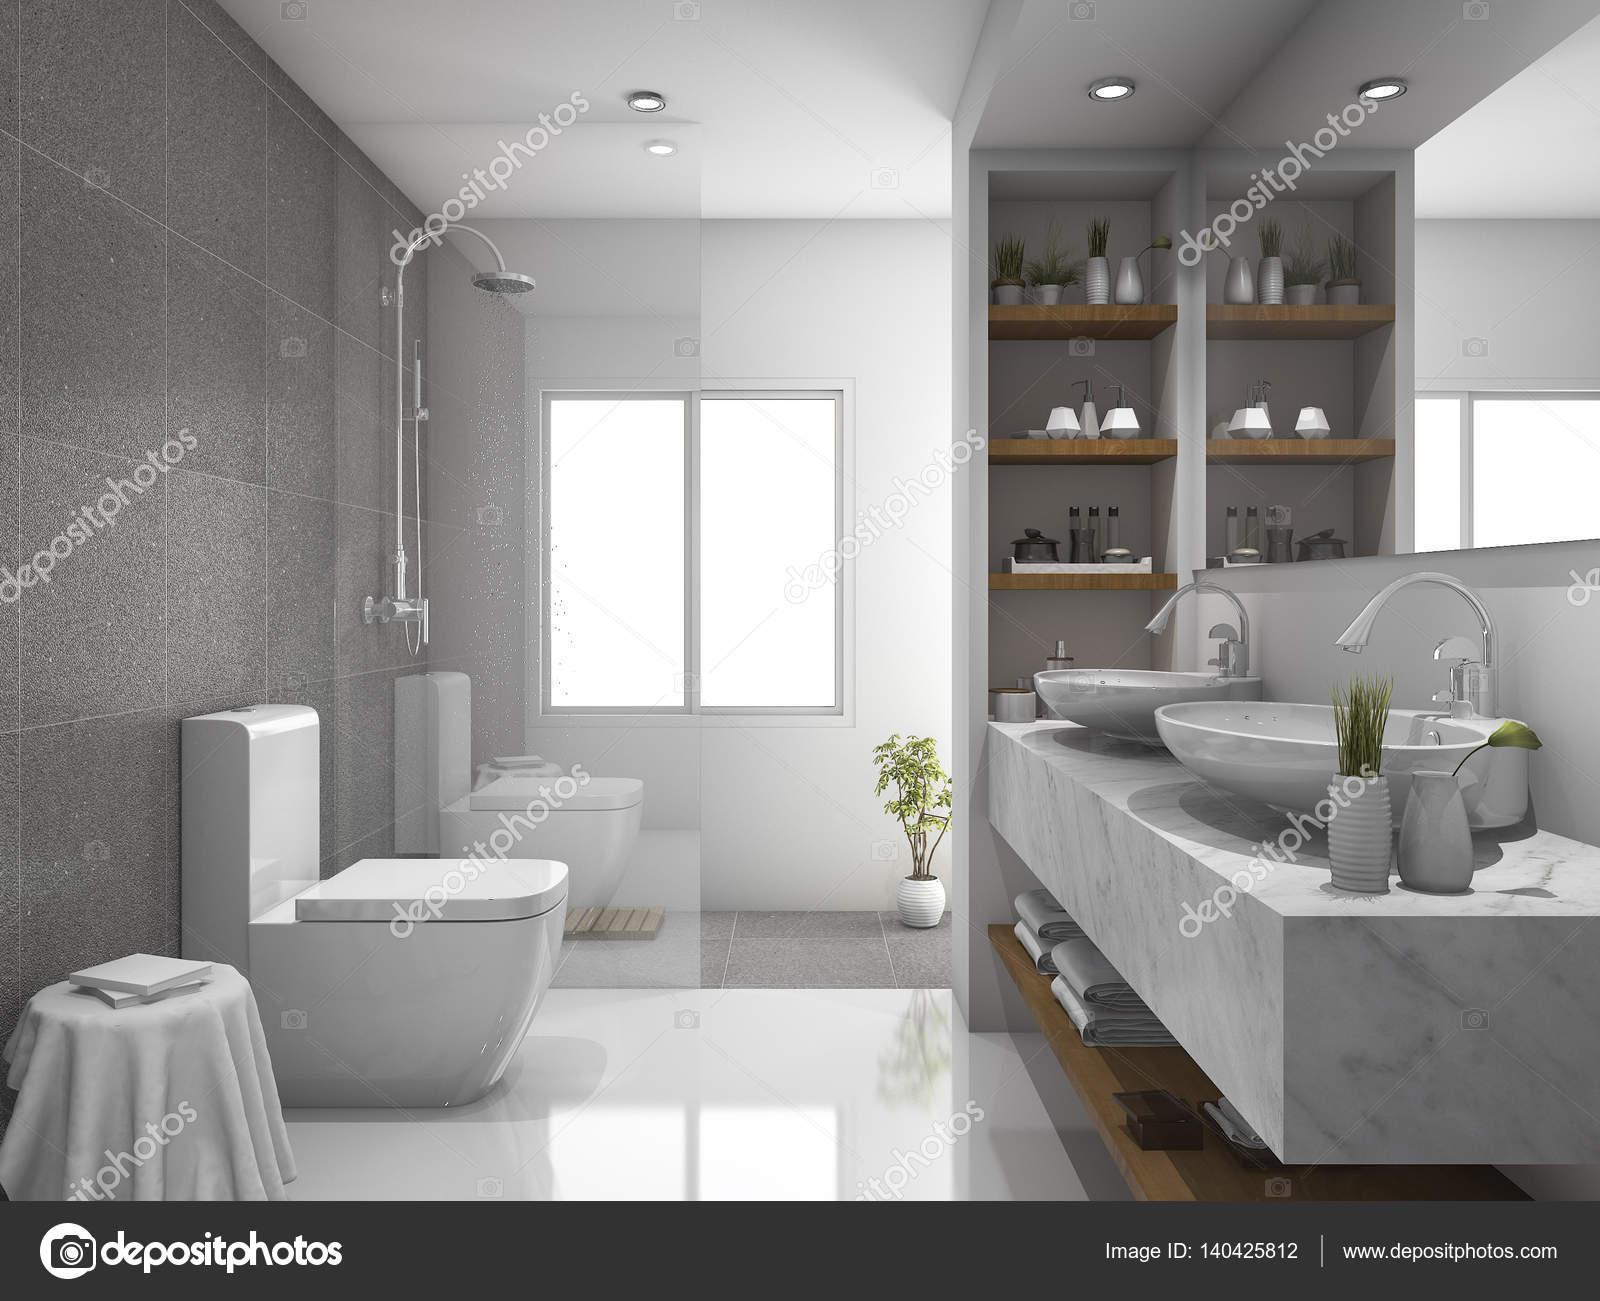 Marmo e d rendering design moderno piastrelle bagno e servizi